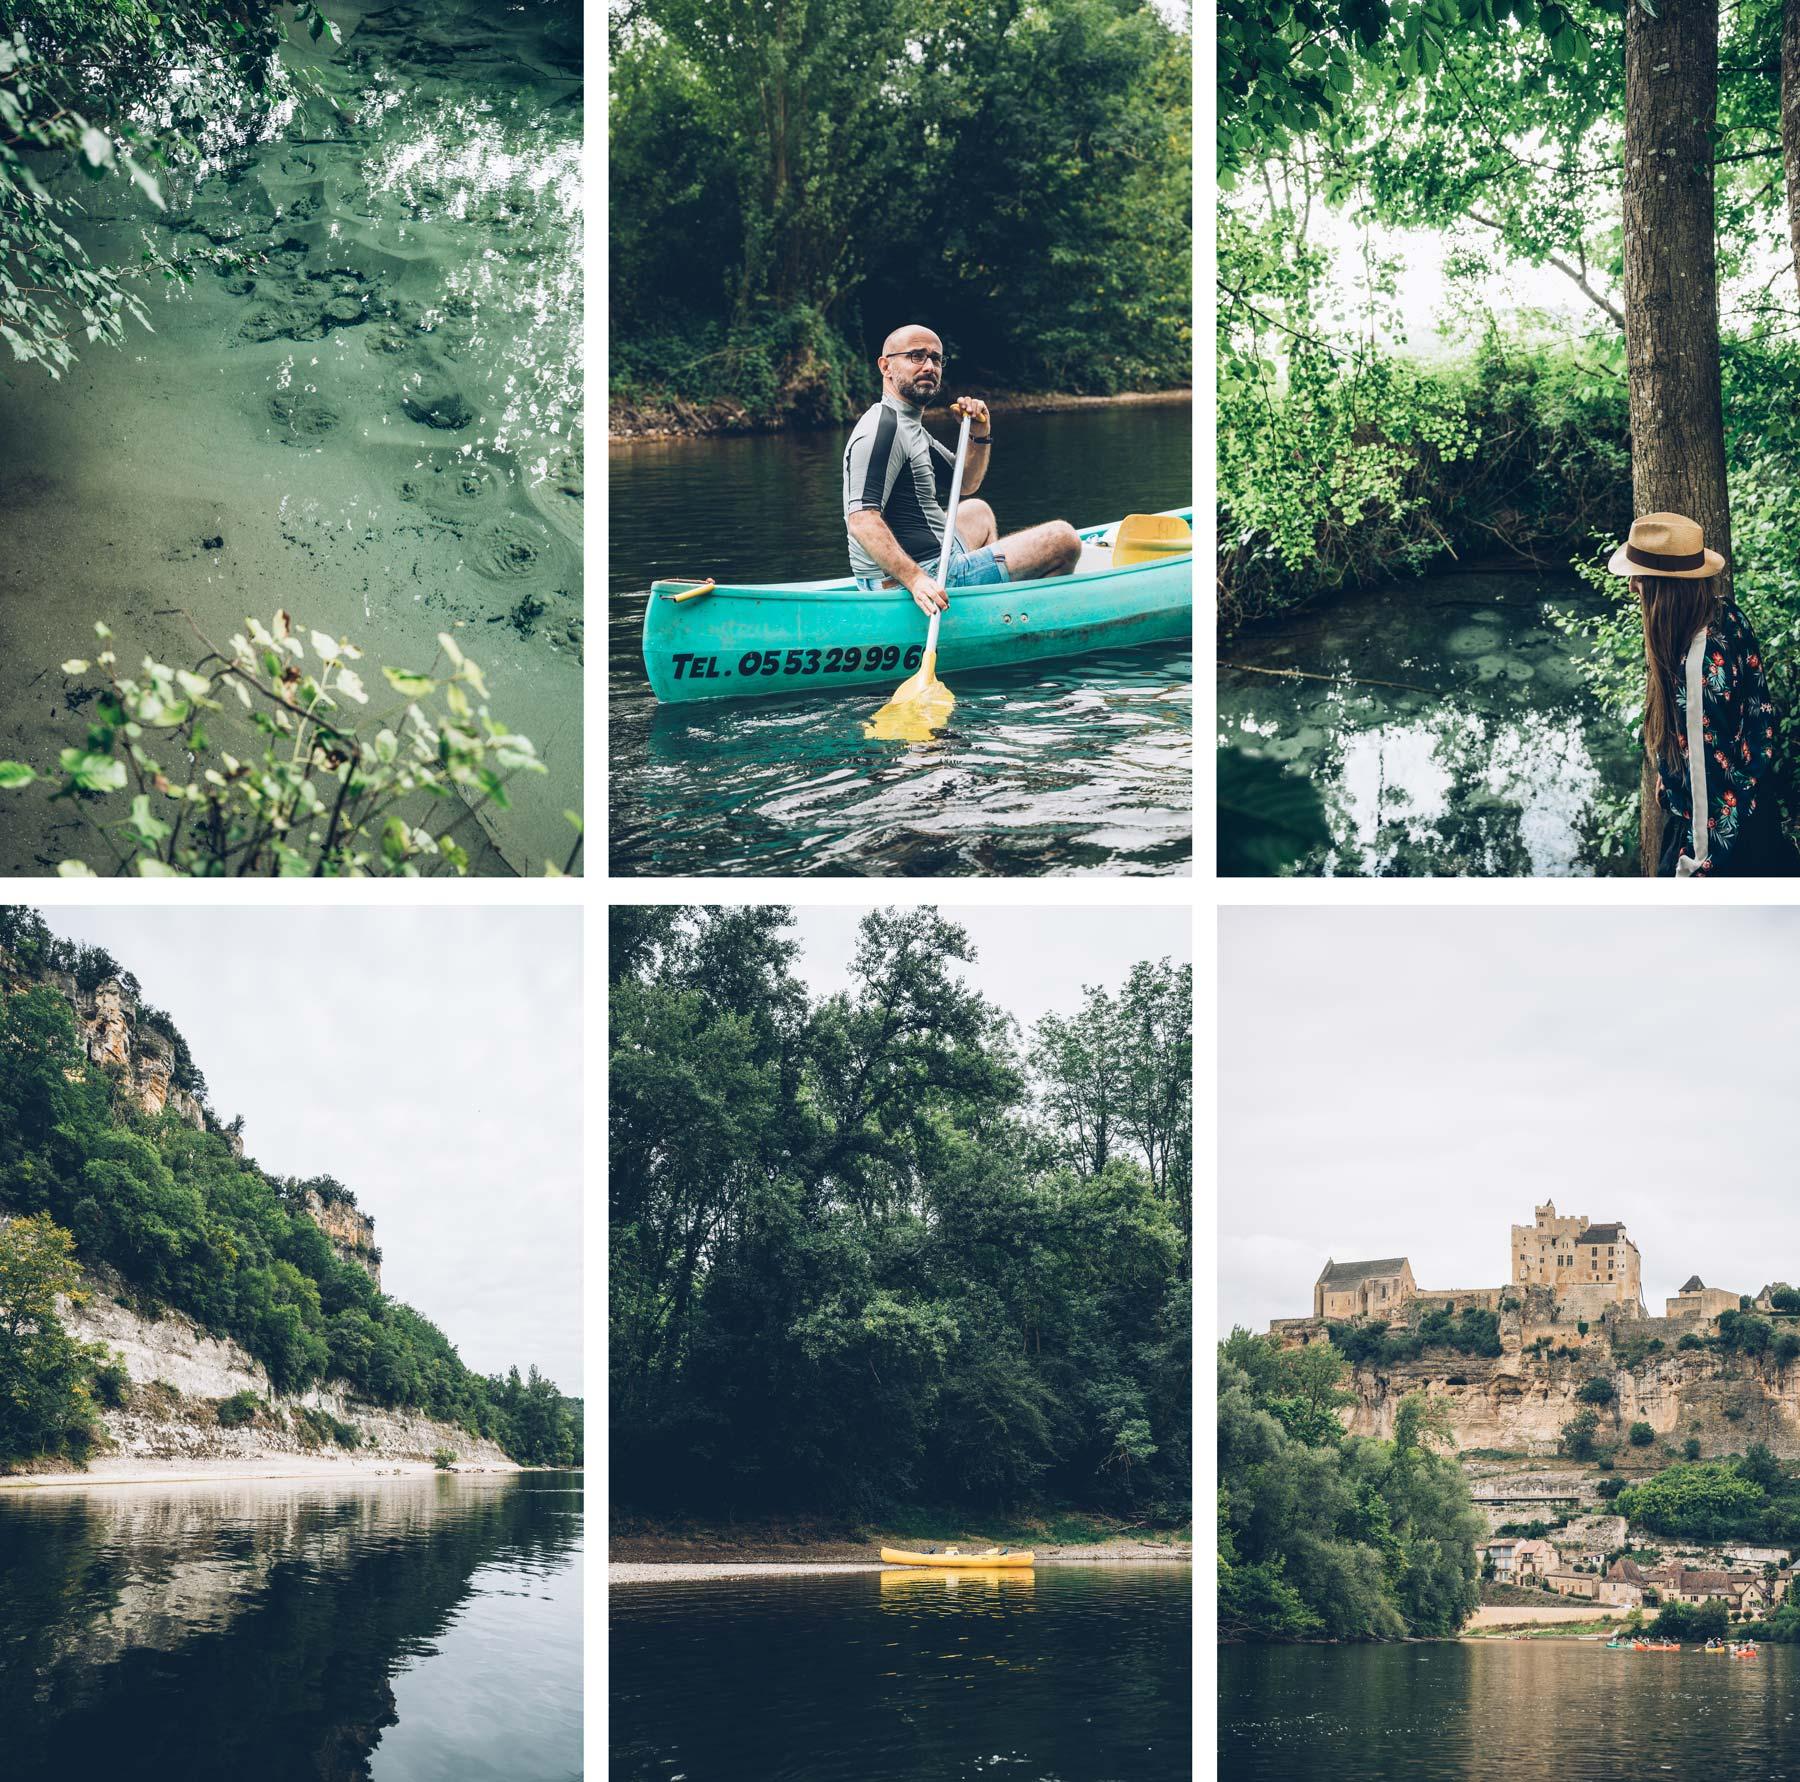 Canosphere, meilleure location canoe sur le Dordogne